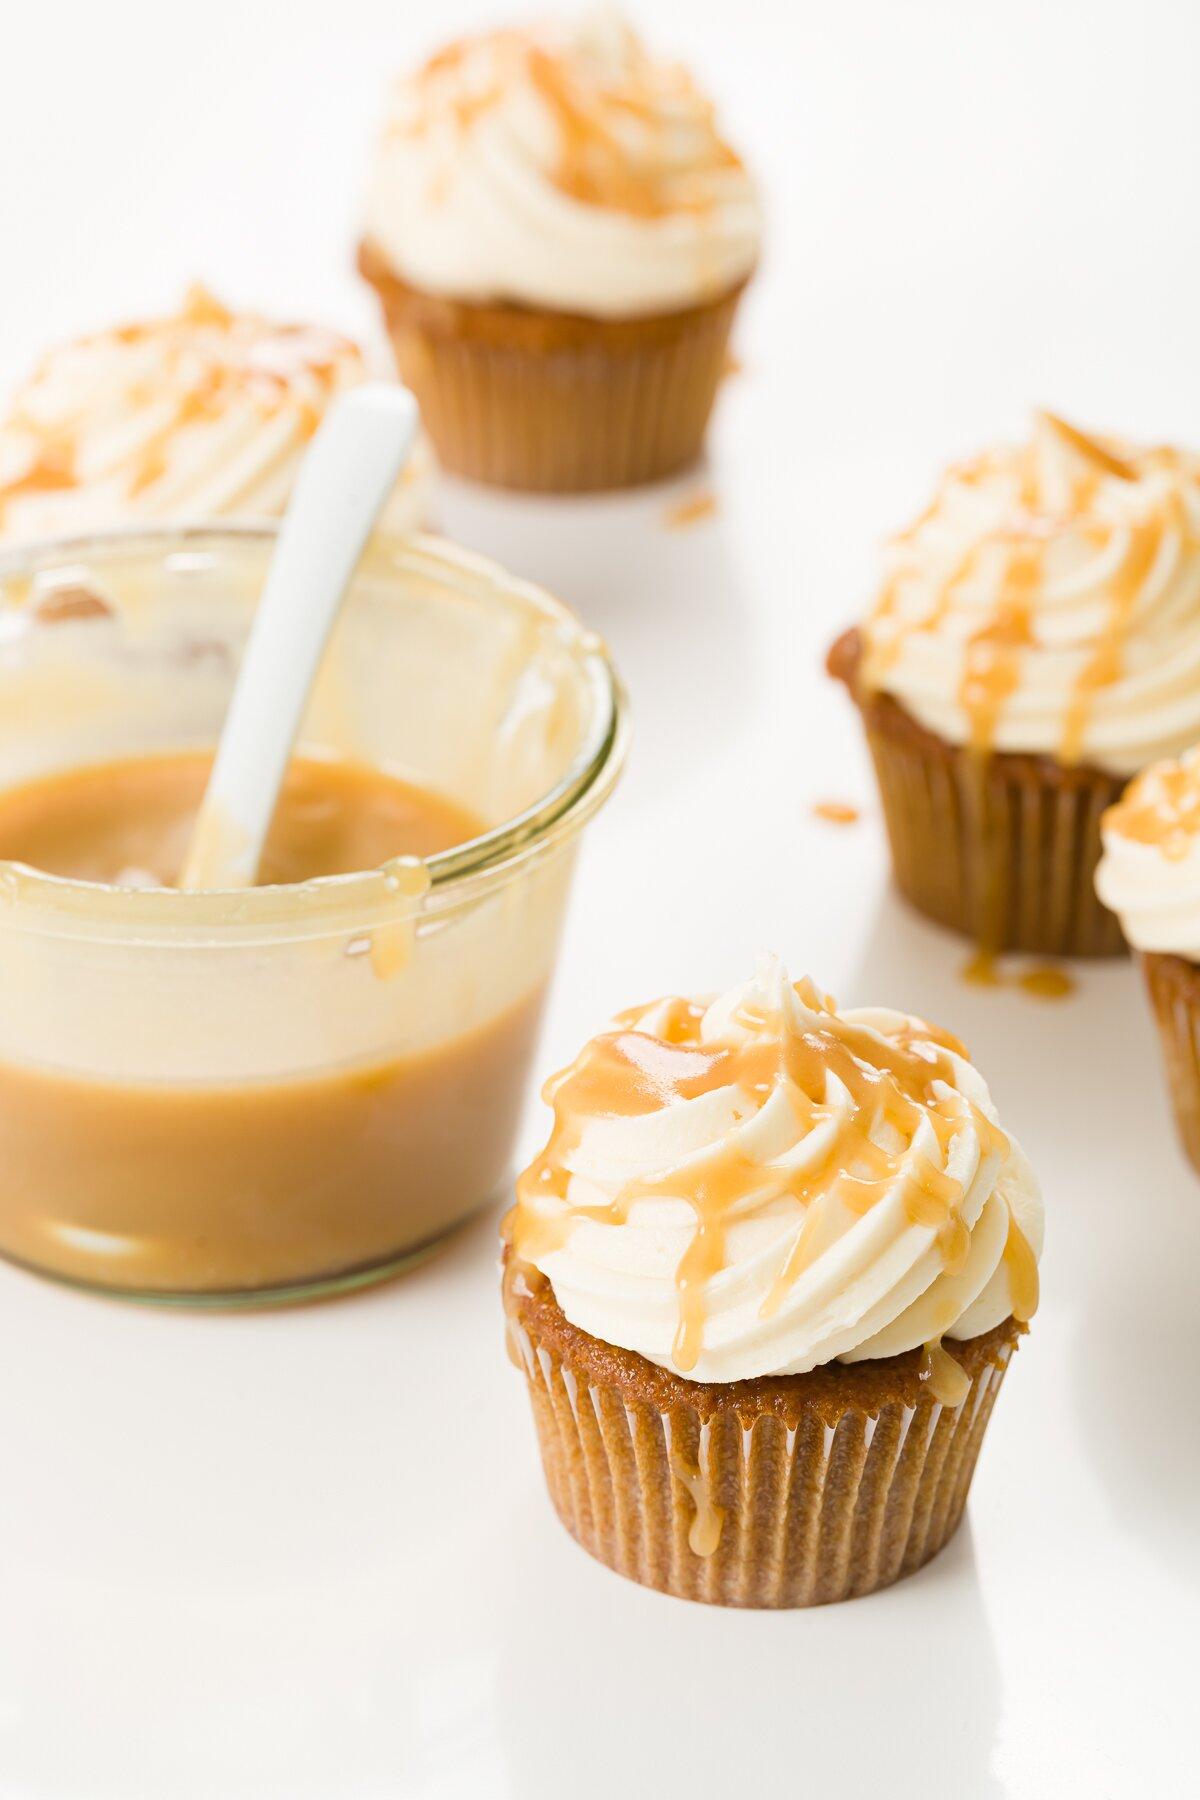 Butterscotch cupcakes with a jar of butterscotch sauce